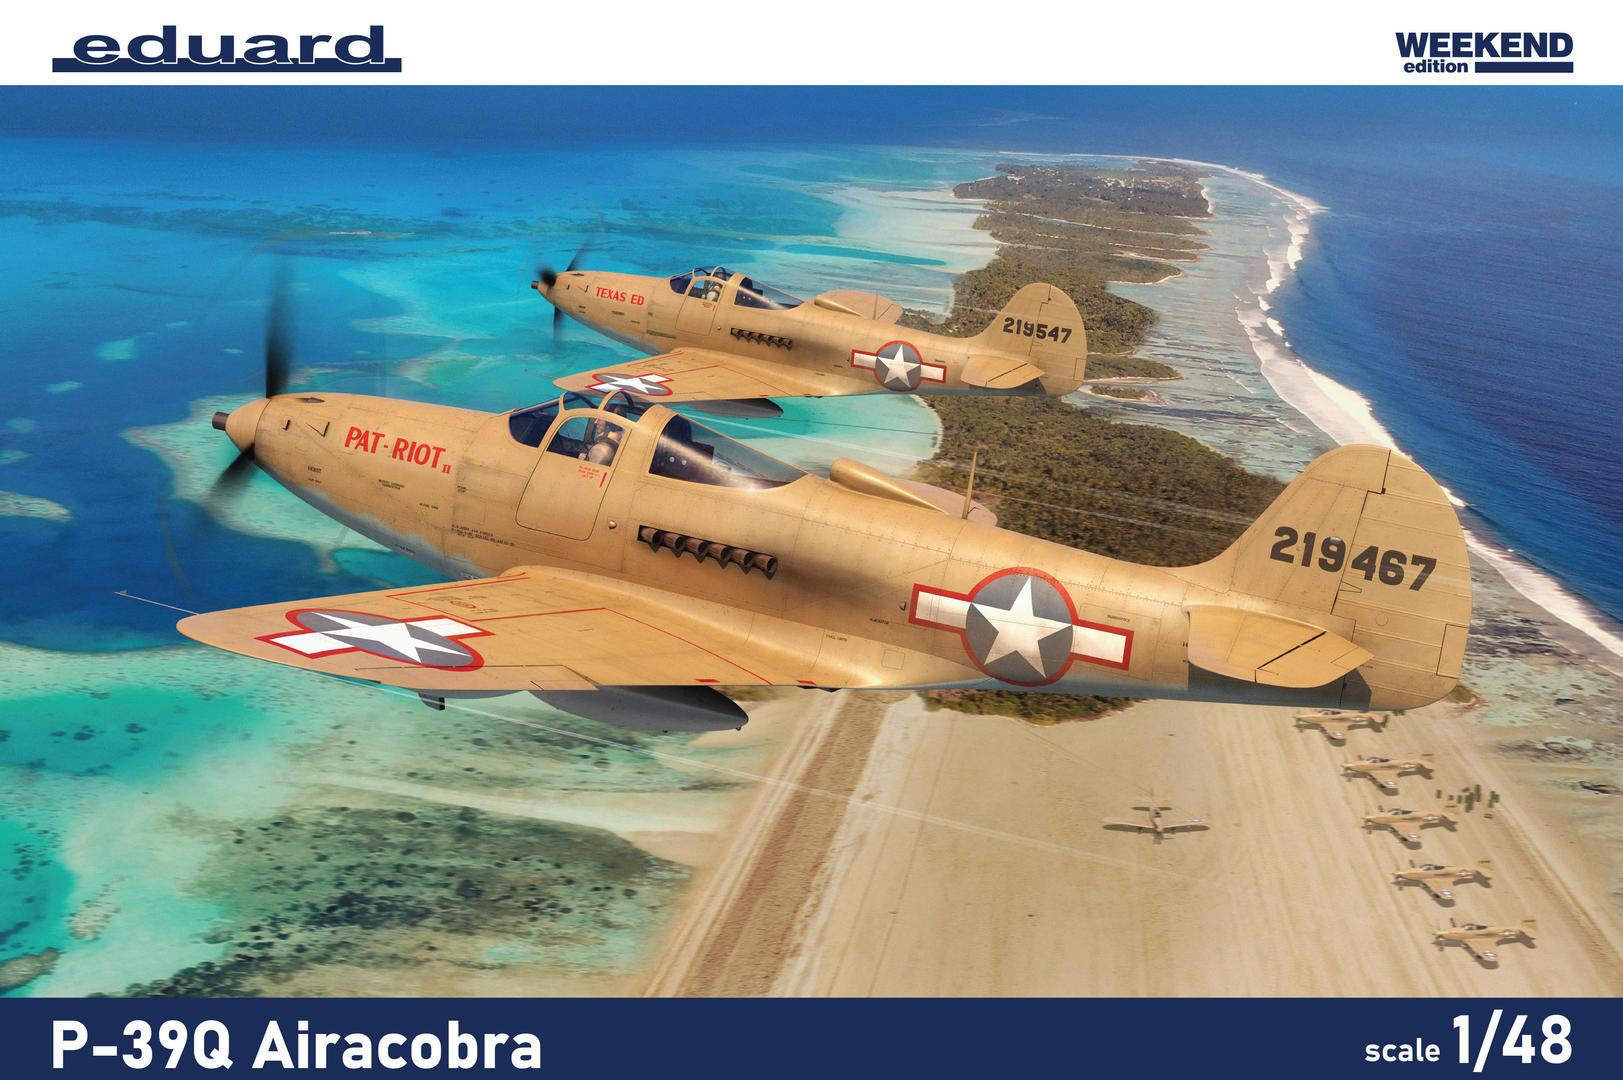 Eduard 1/48 P-39Q Airacobra [Weekend Edition]